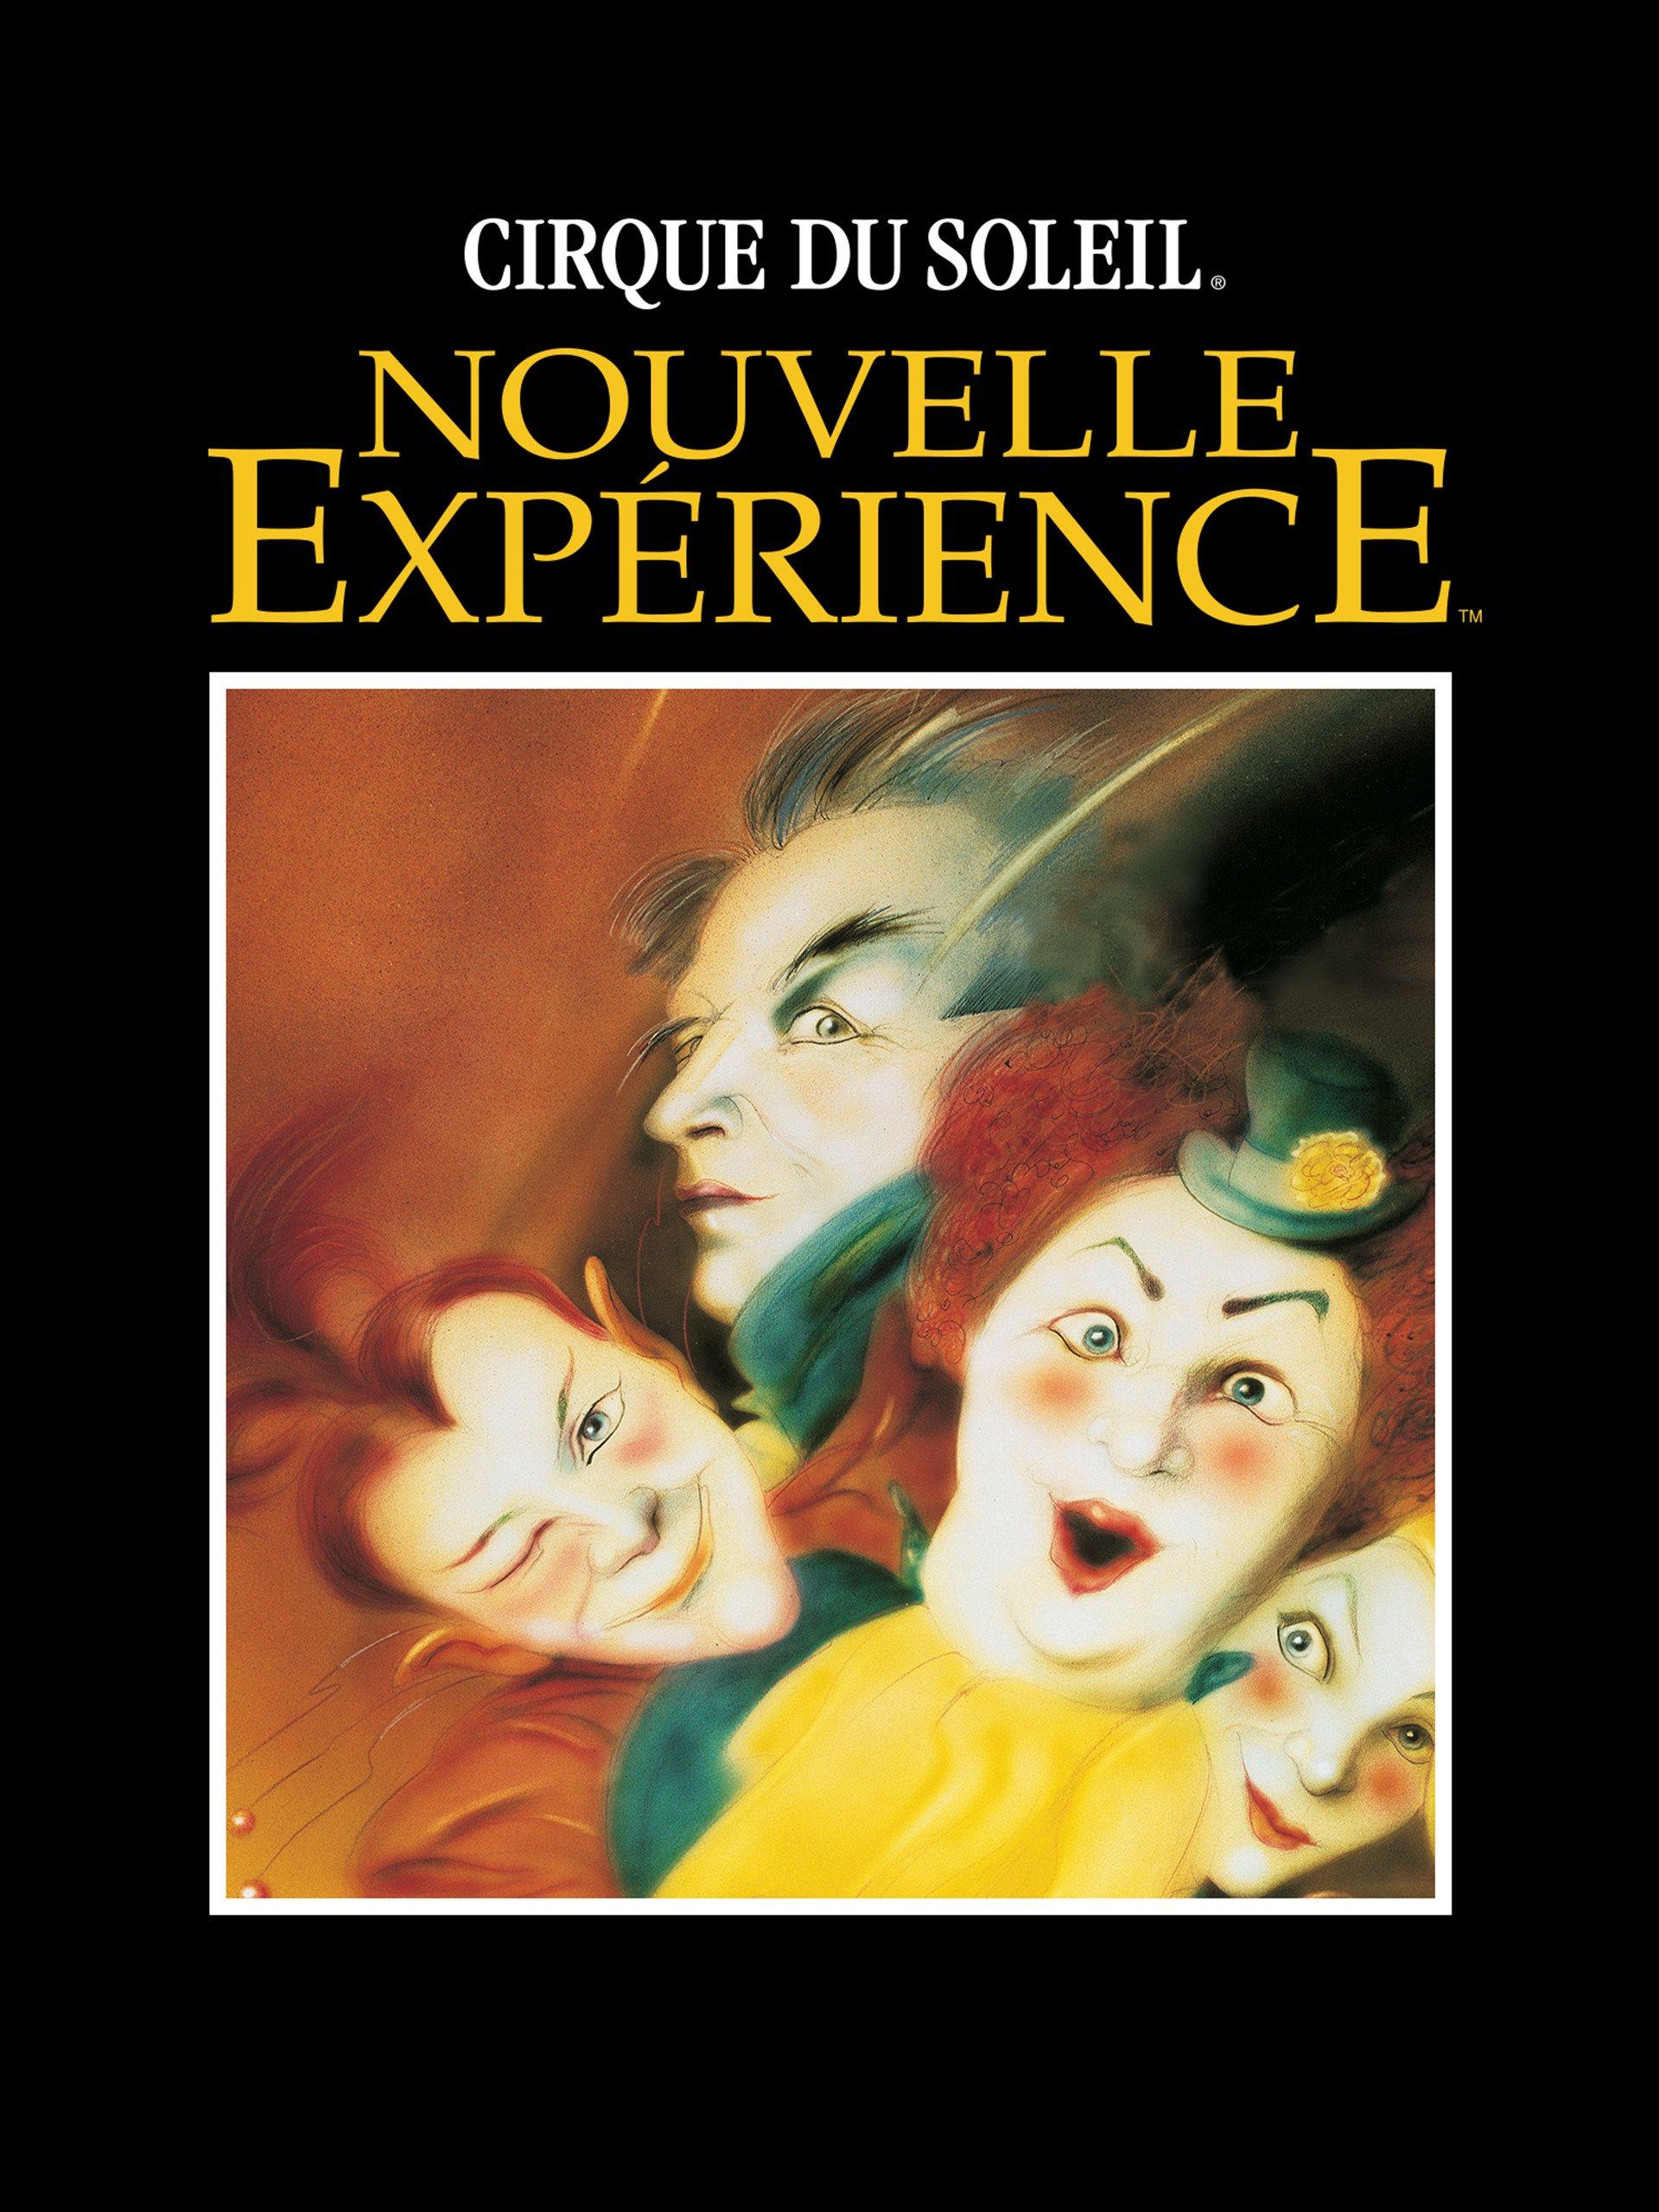 aa6498c45e580 Amazon.com  Cirque du Soleil Presents NOUVELLE EXPERIENCE  Didier Antoine,  Cecile Ardail, Alexandre Arnaoutov, Franco Dragone